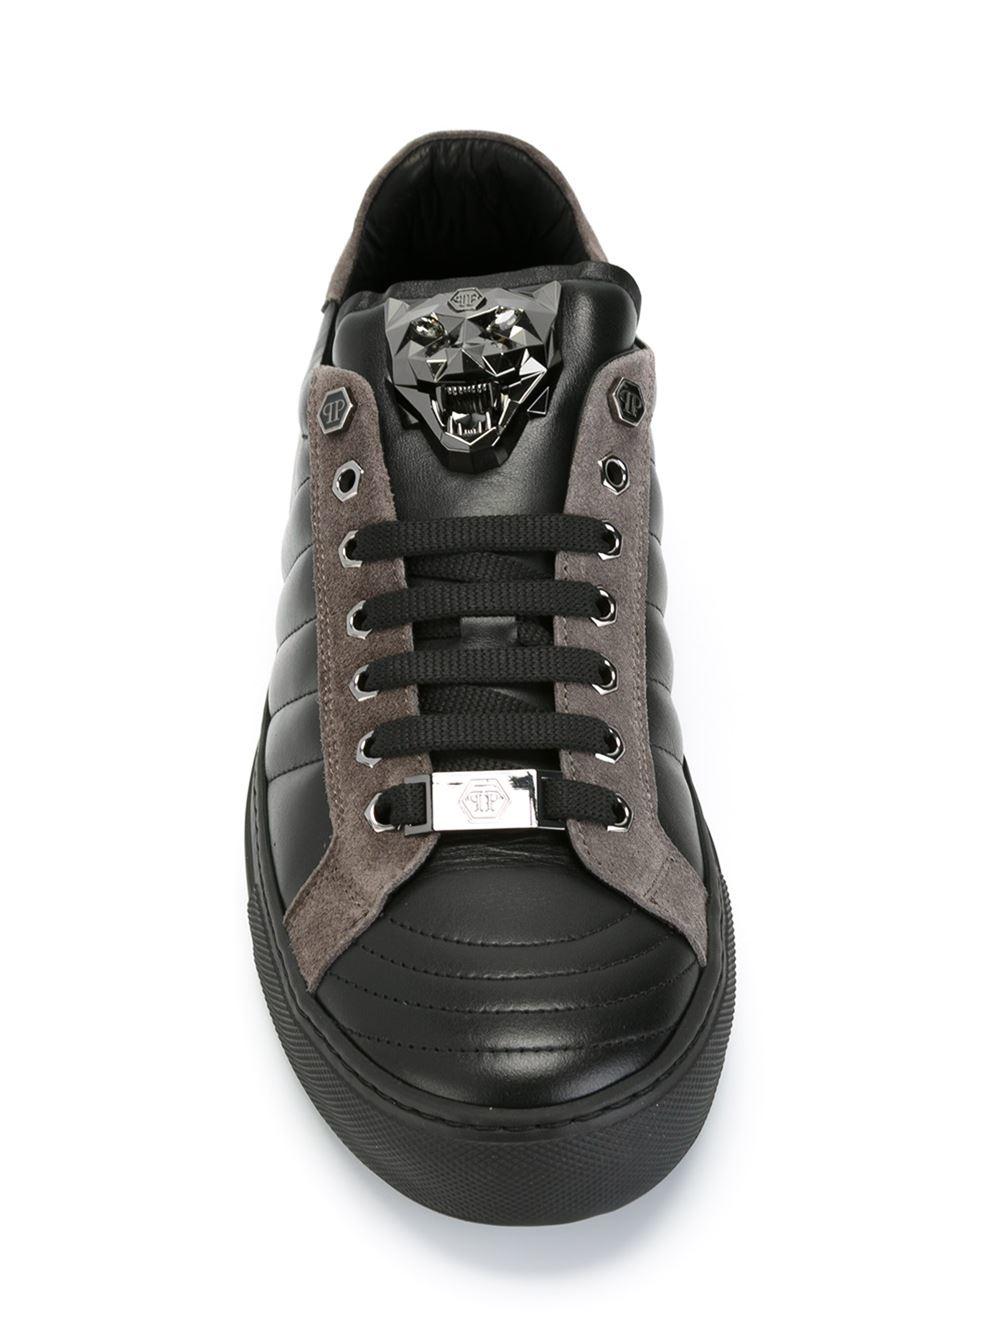 philipp plein sneakers studded, Philipp Plein slip on